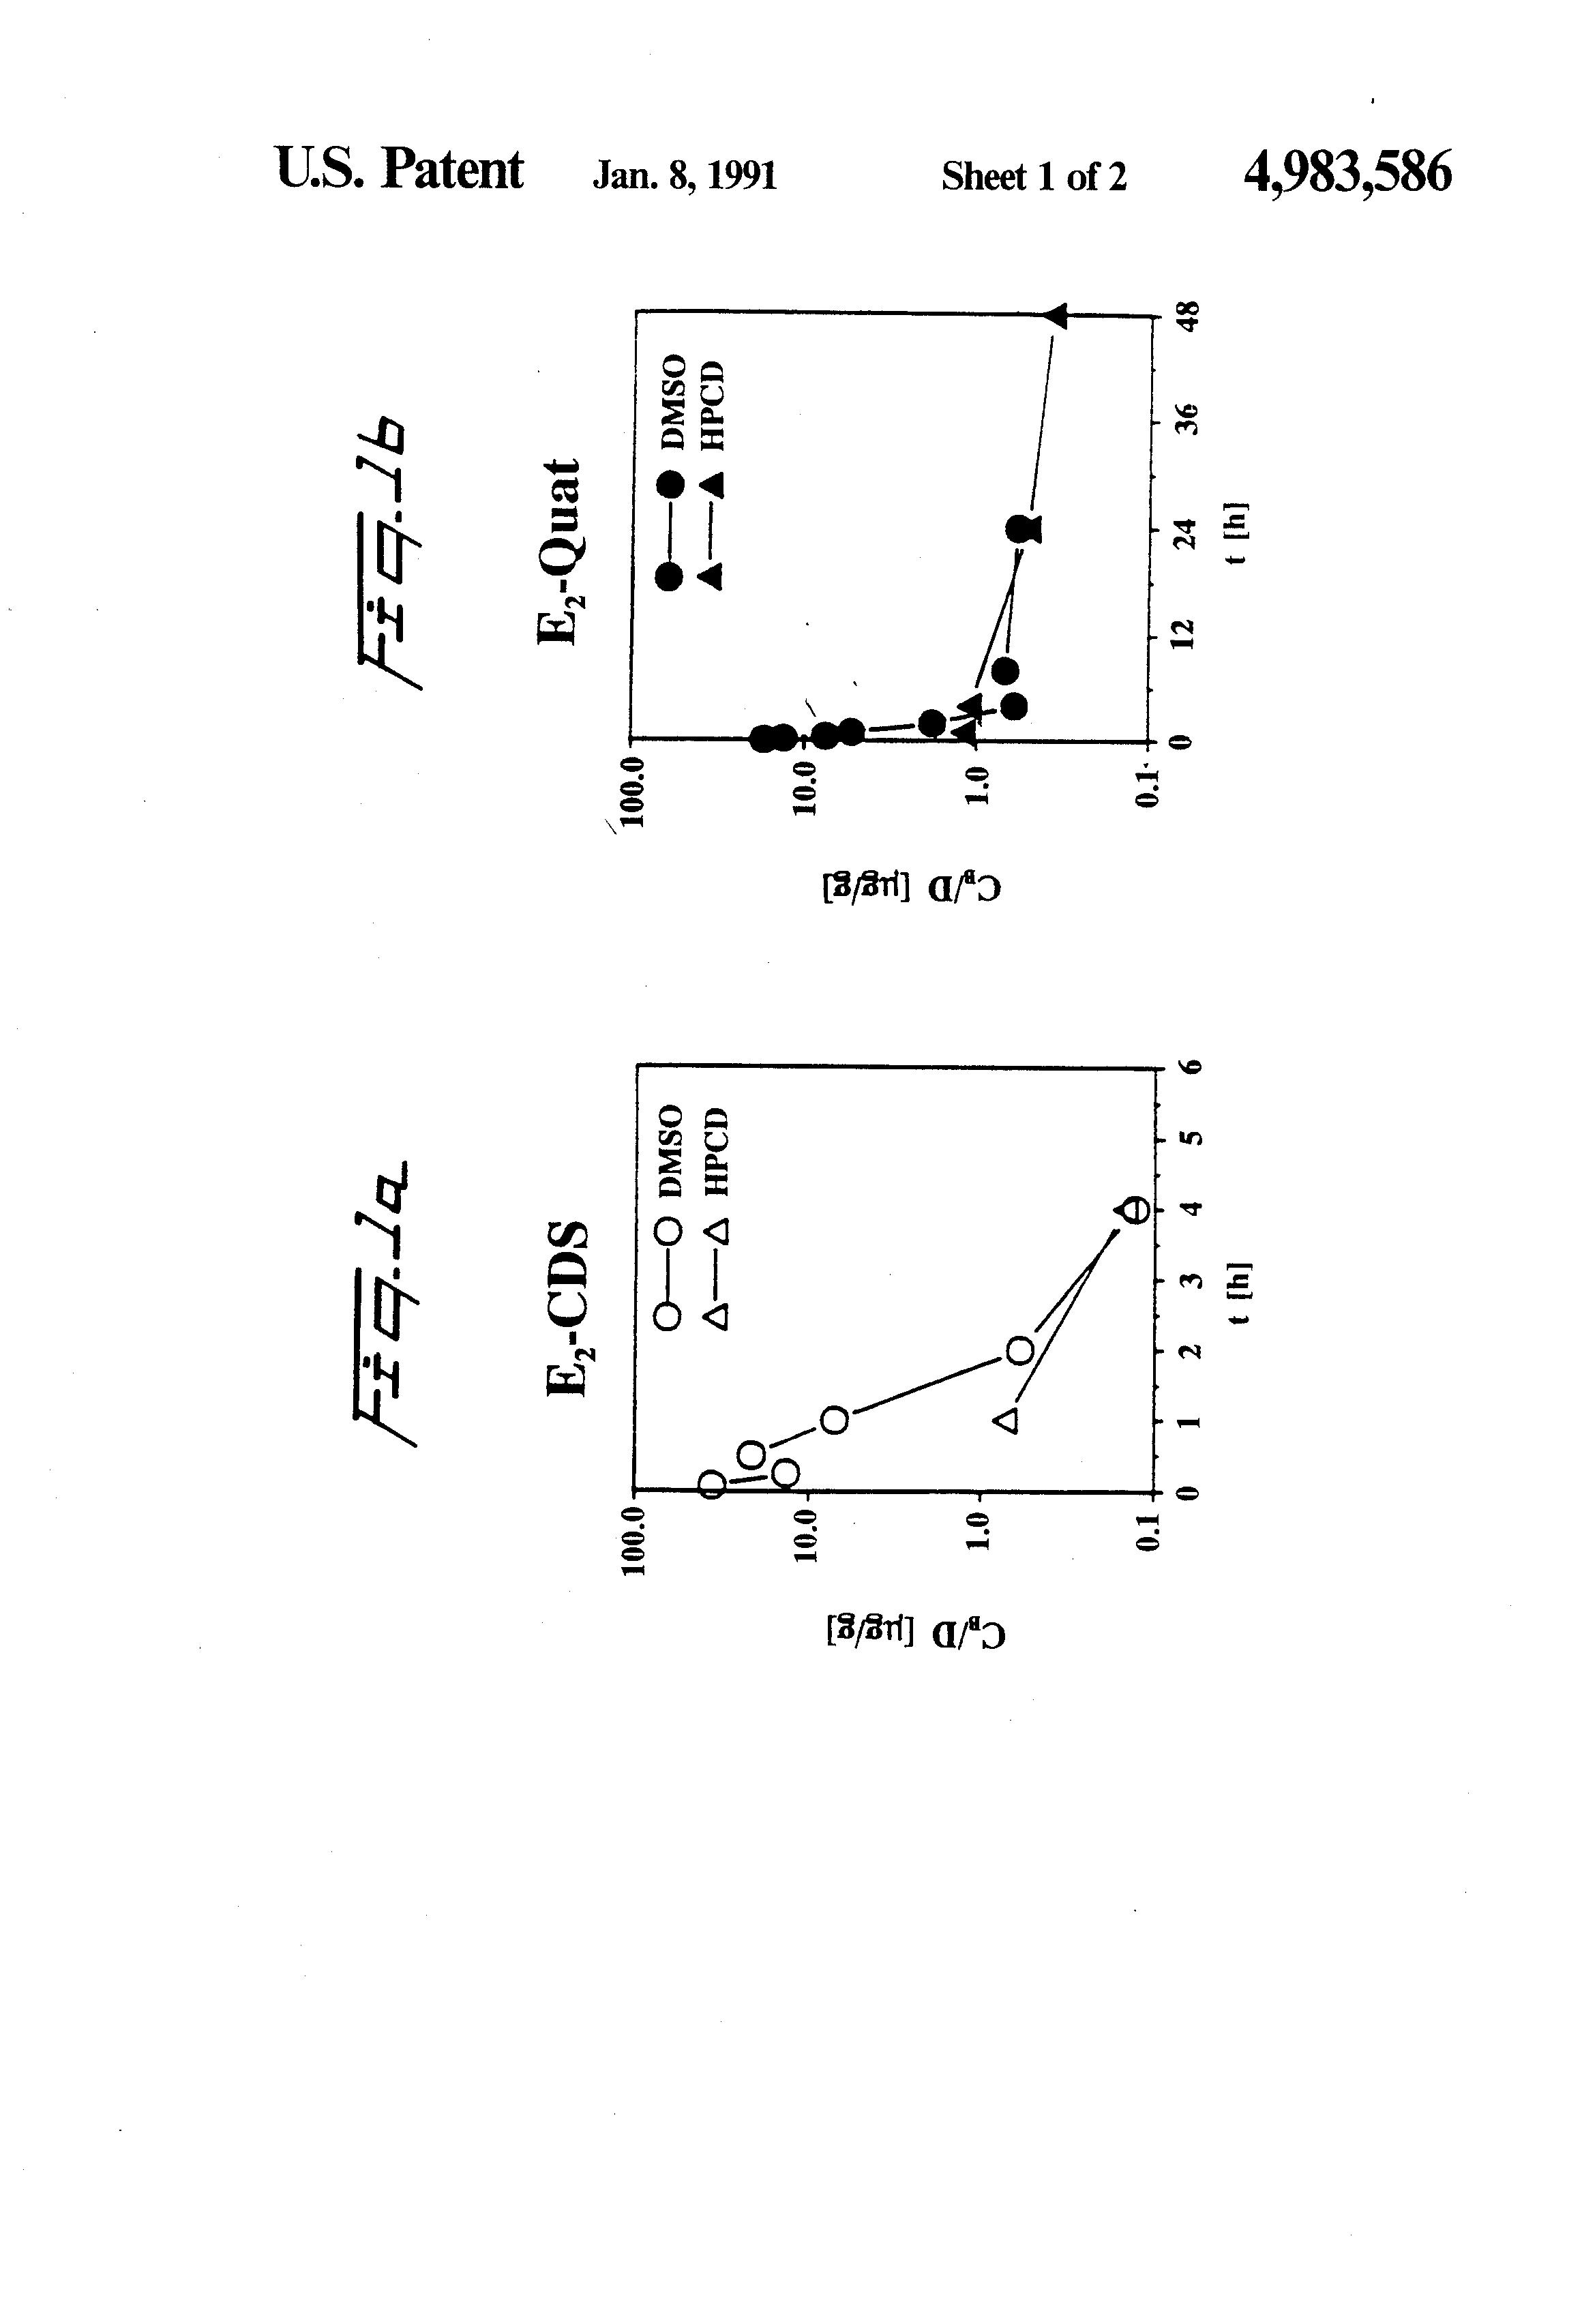 plavix lab test